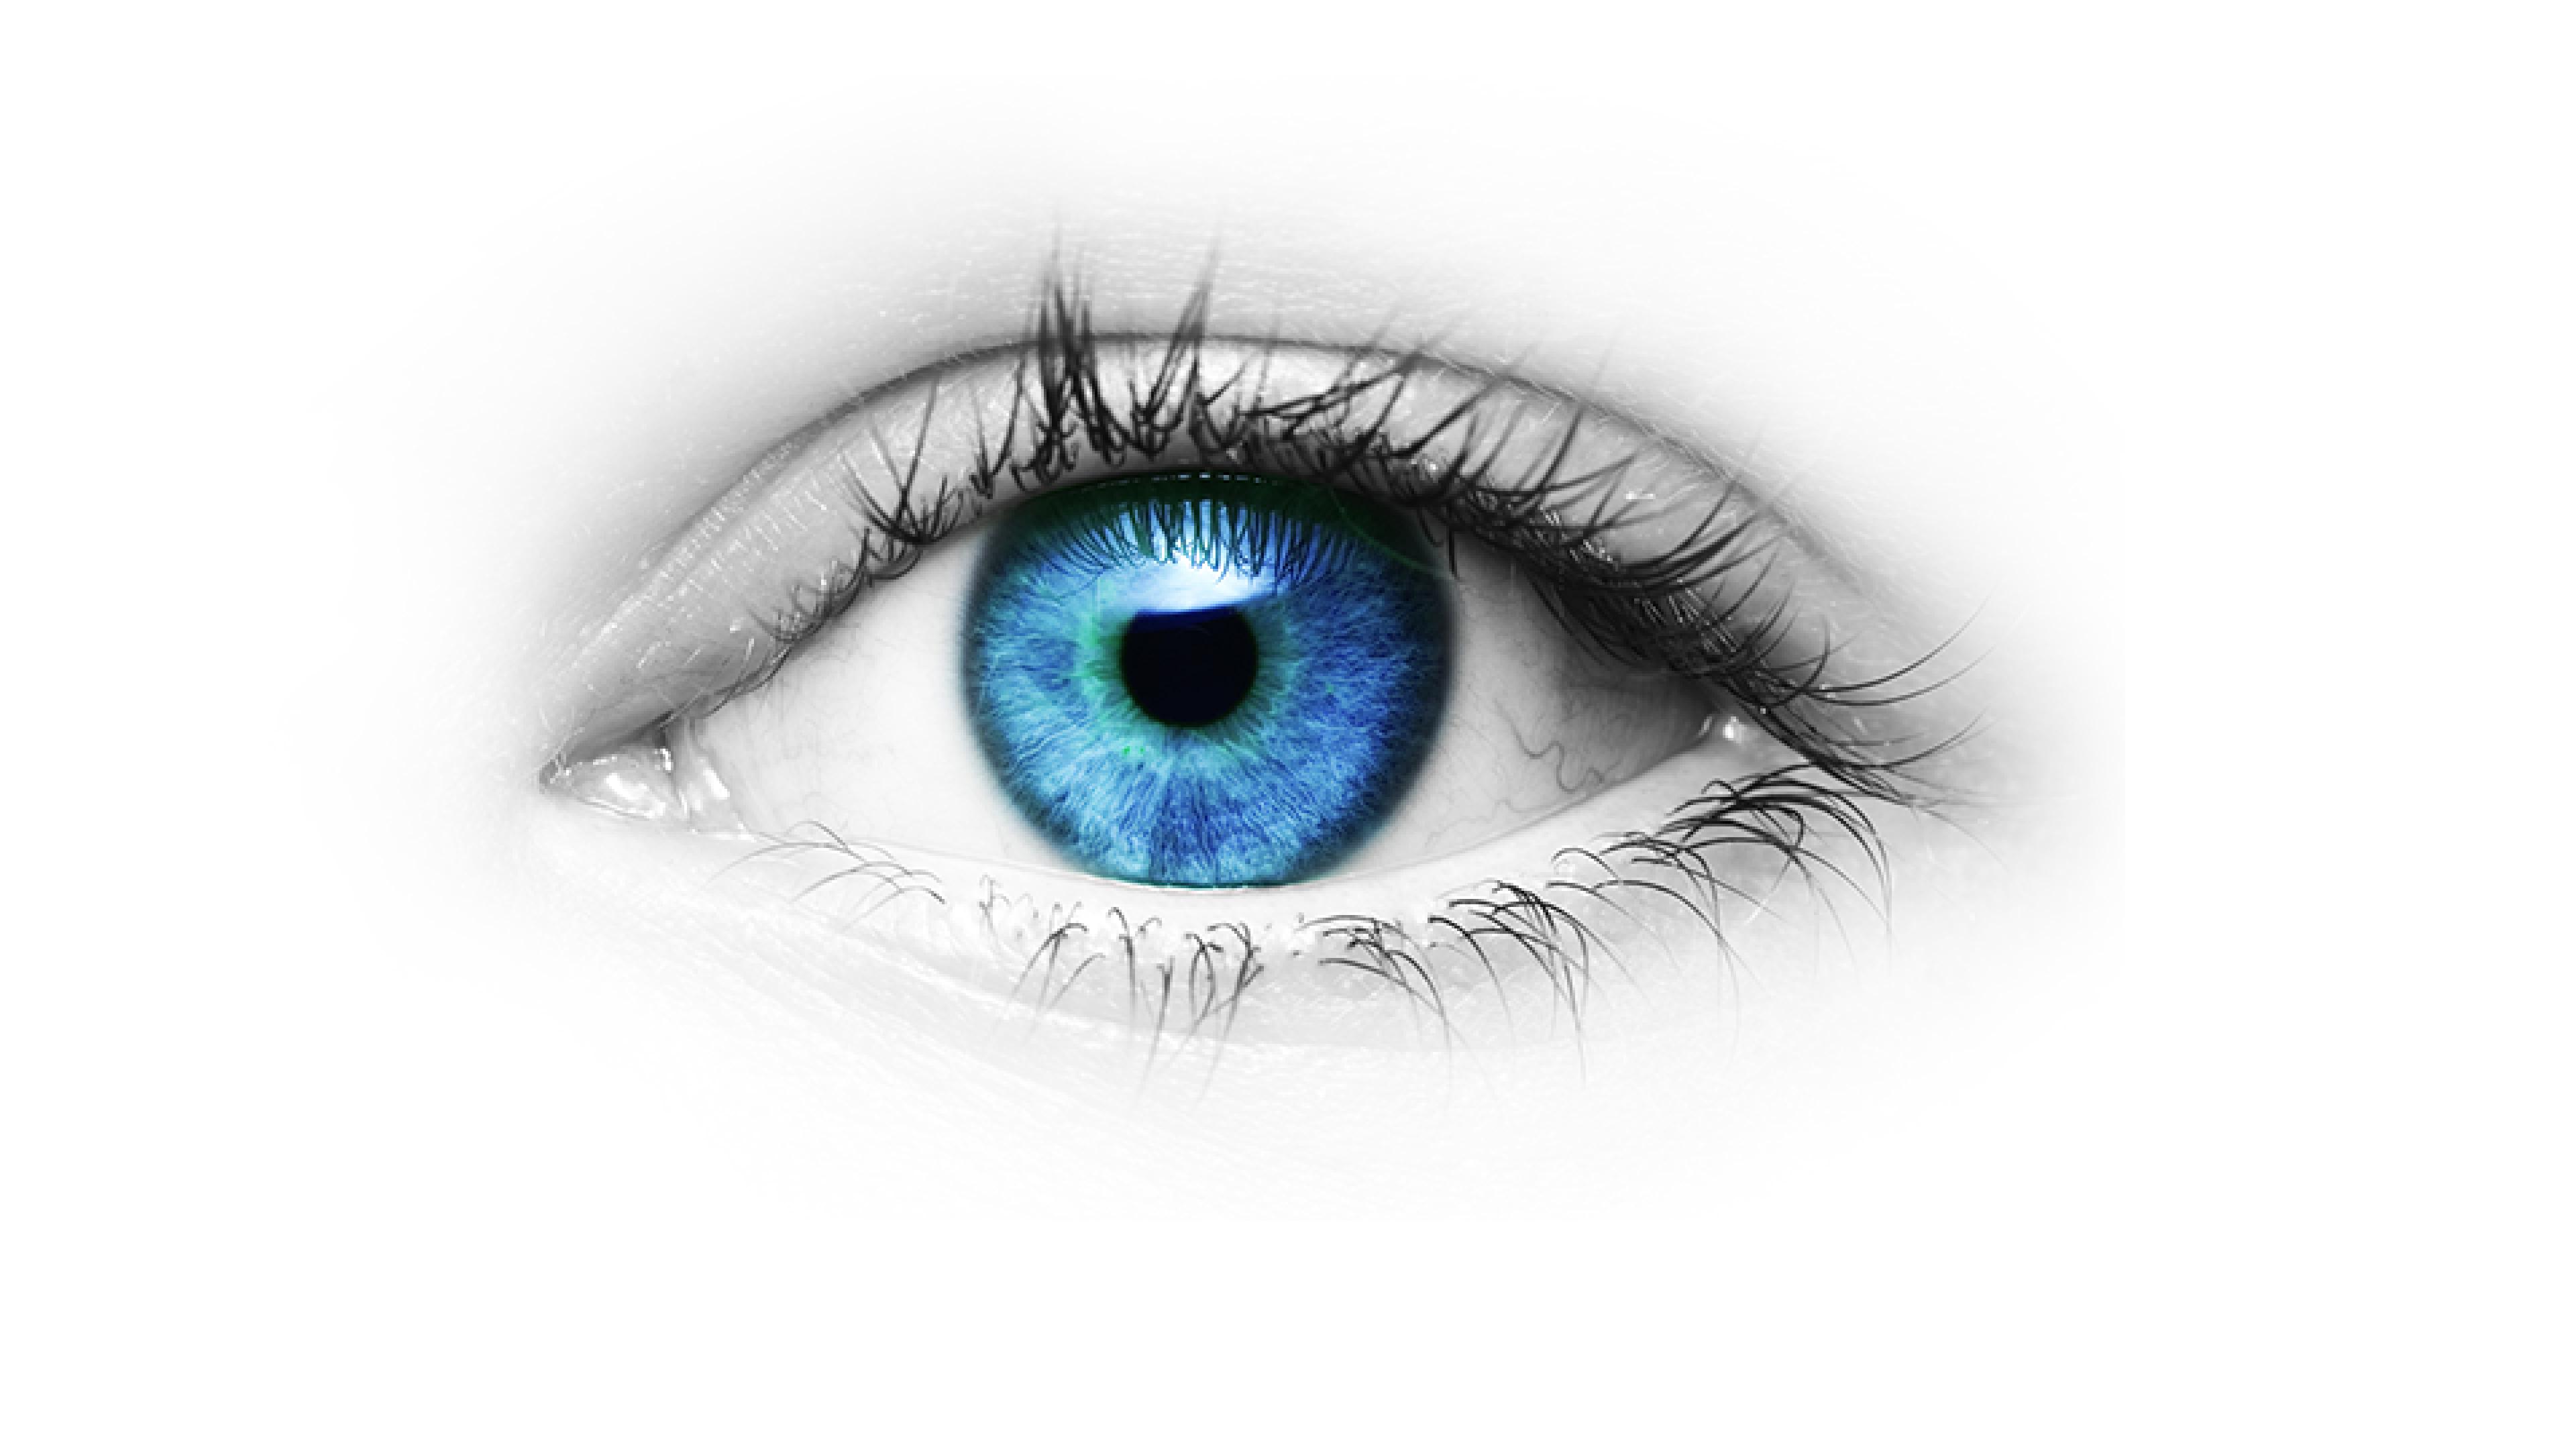 hintergrundbilder gesicht blaue augen blau nase linse kopf iris auge menschlicher. Black Bedroom Furniture Sets. Home Design Ideas